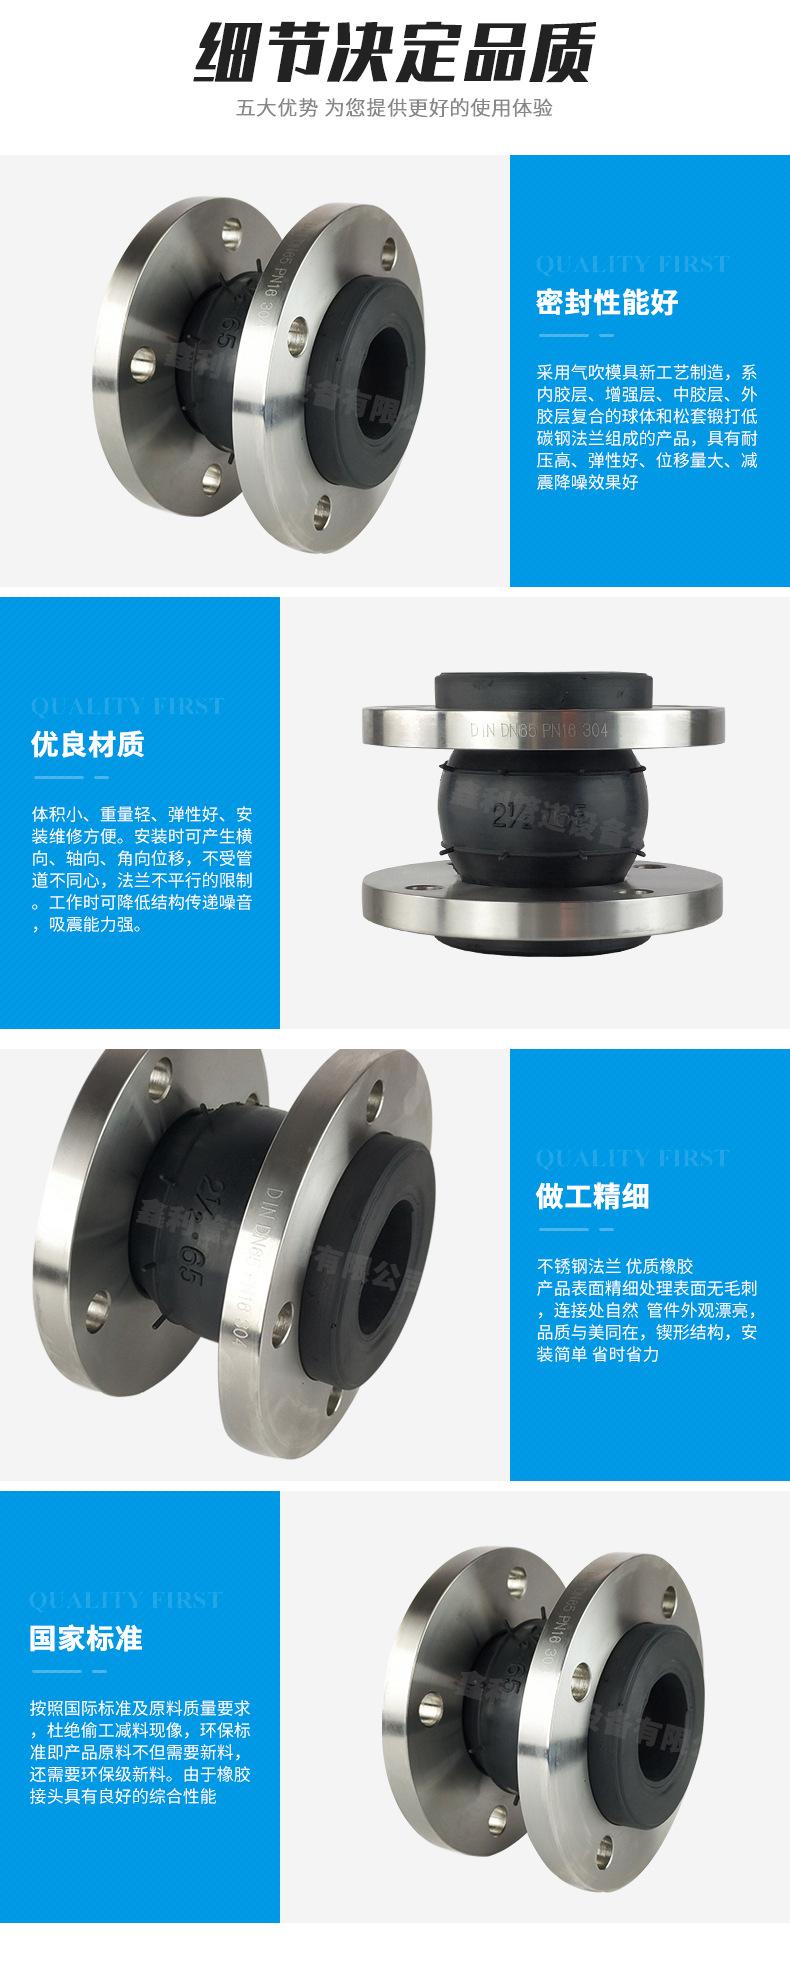 橡胶接头对内层胶技术要求高